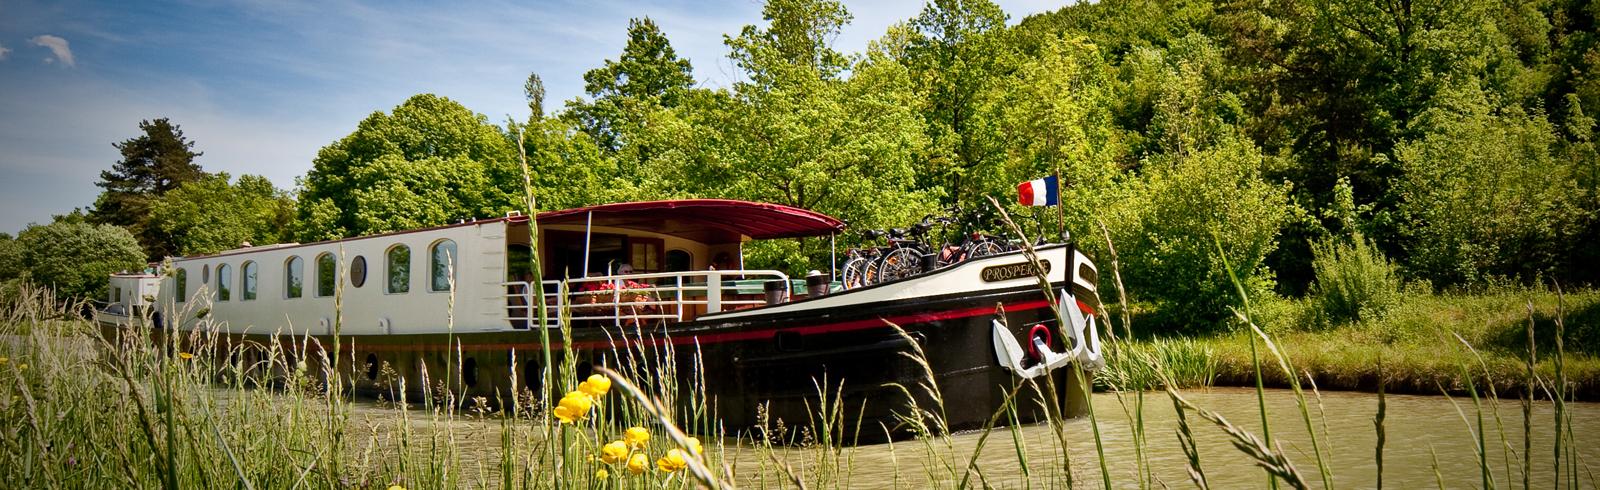 Prosperite-Barge-Boat-4.jpg